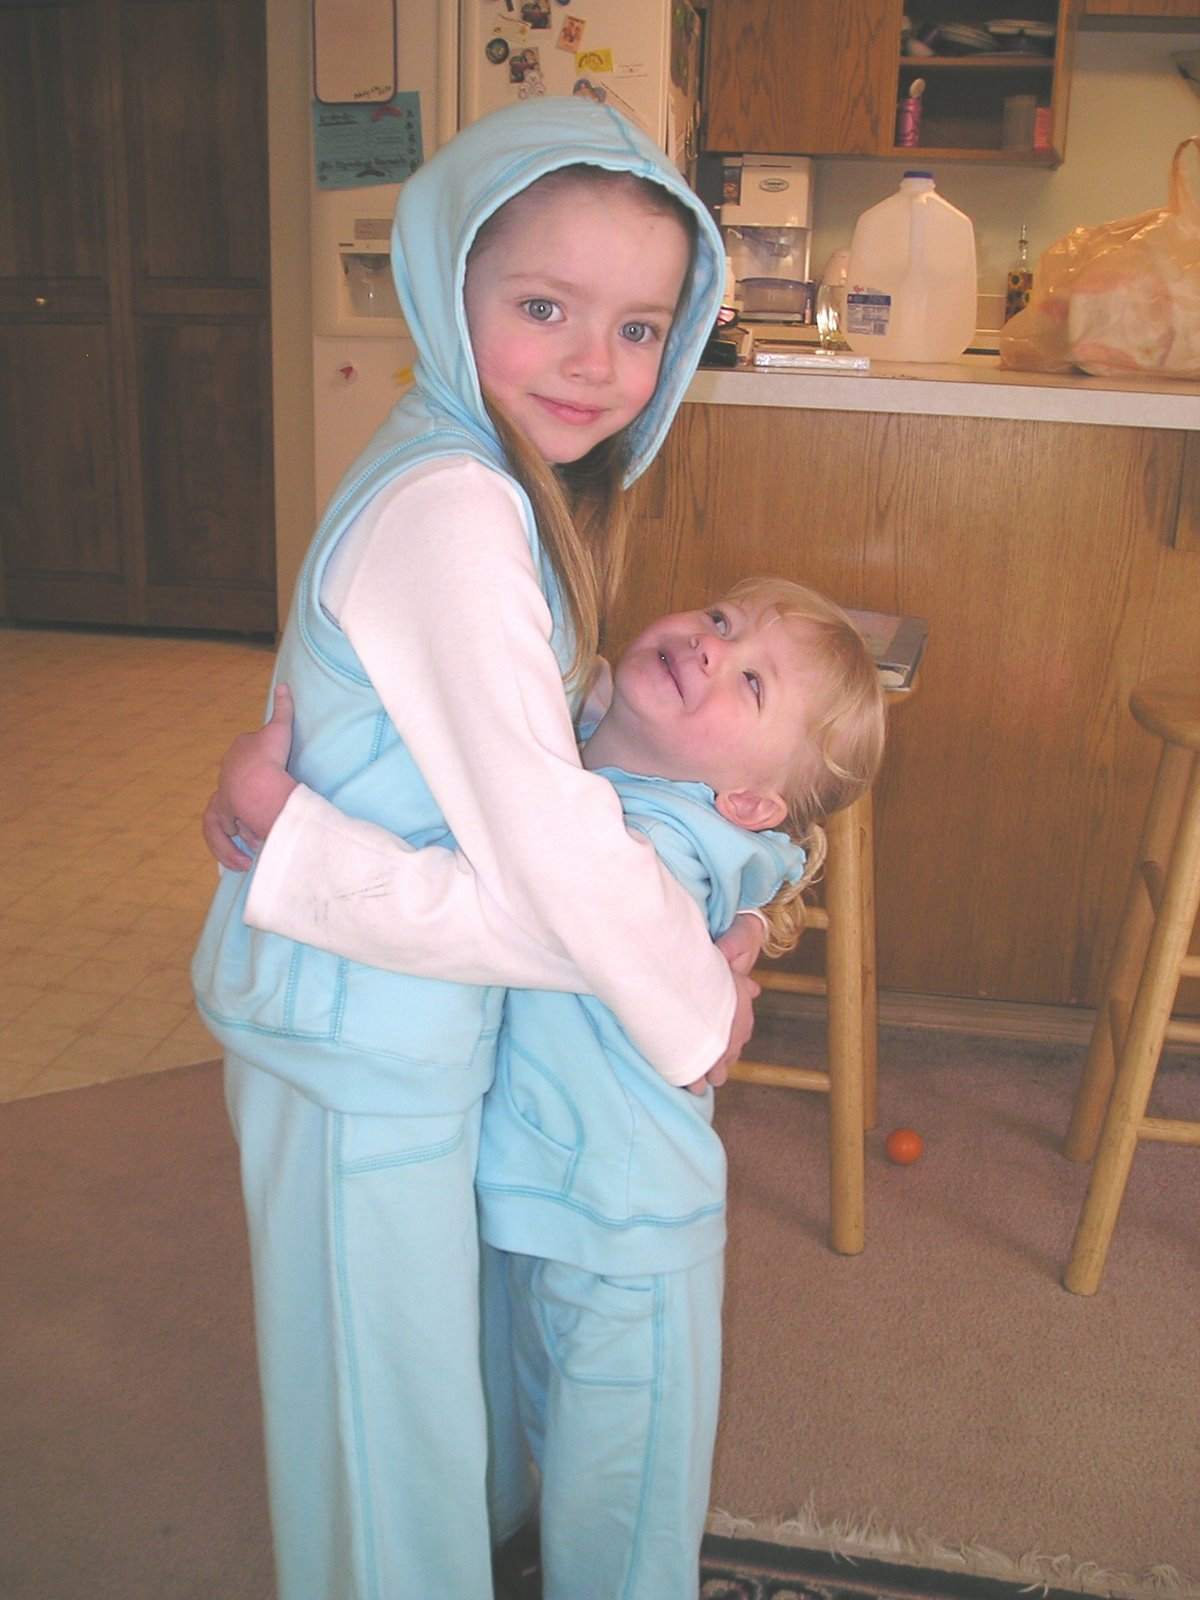 [Lauren+Audrey+hug+on+Lauren]